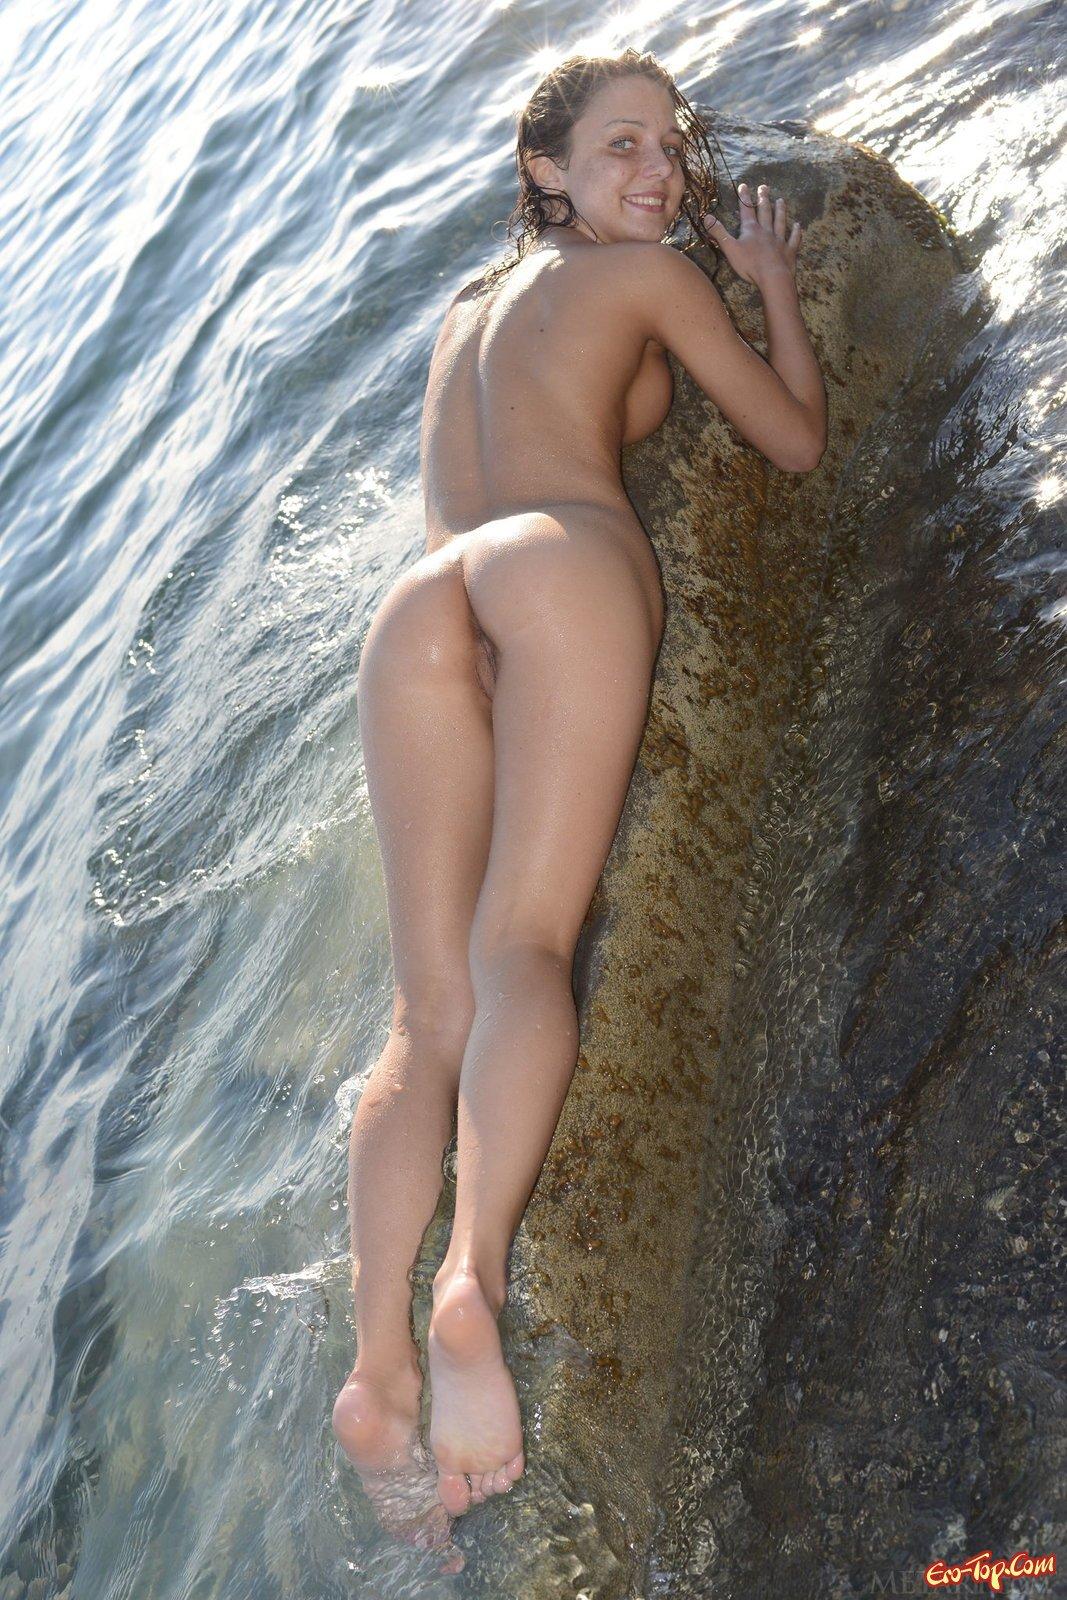 Плавает голая на море смотреть эротику